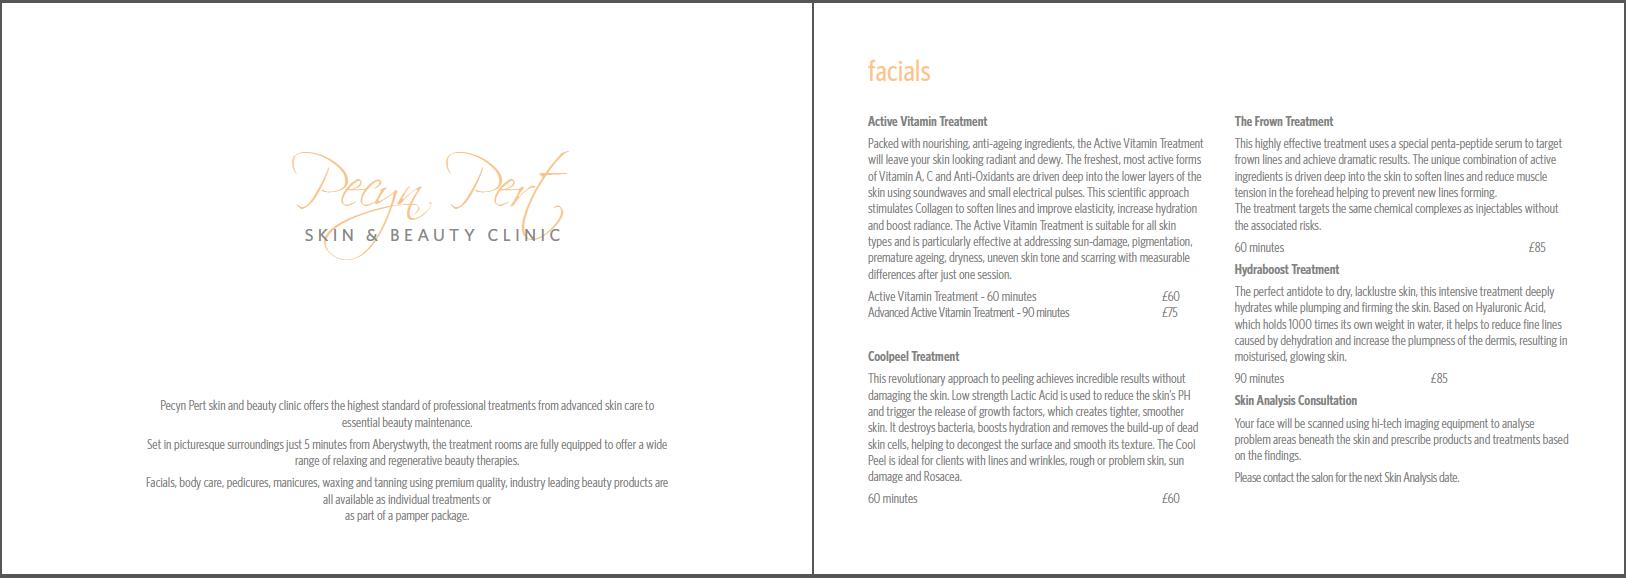 Pecyn Pert brochure